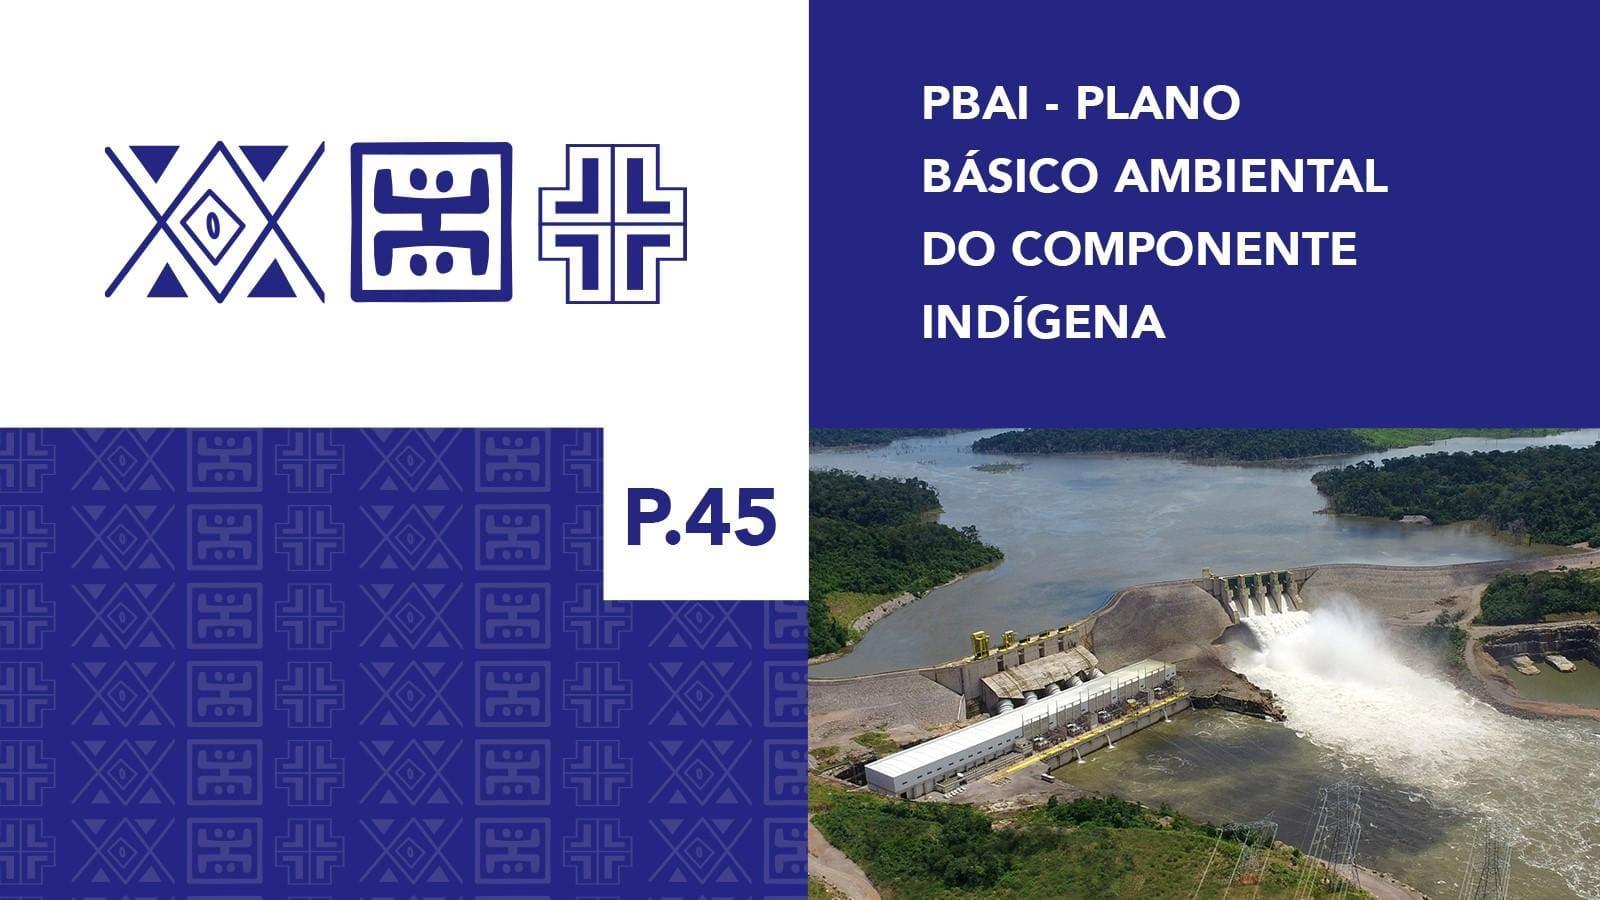 P.45 - Plano Básico Ambiental - Componente Indígena Kayabi